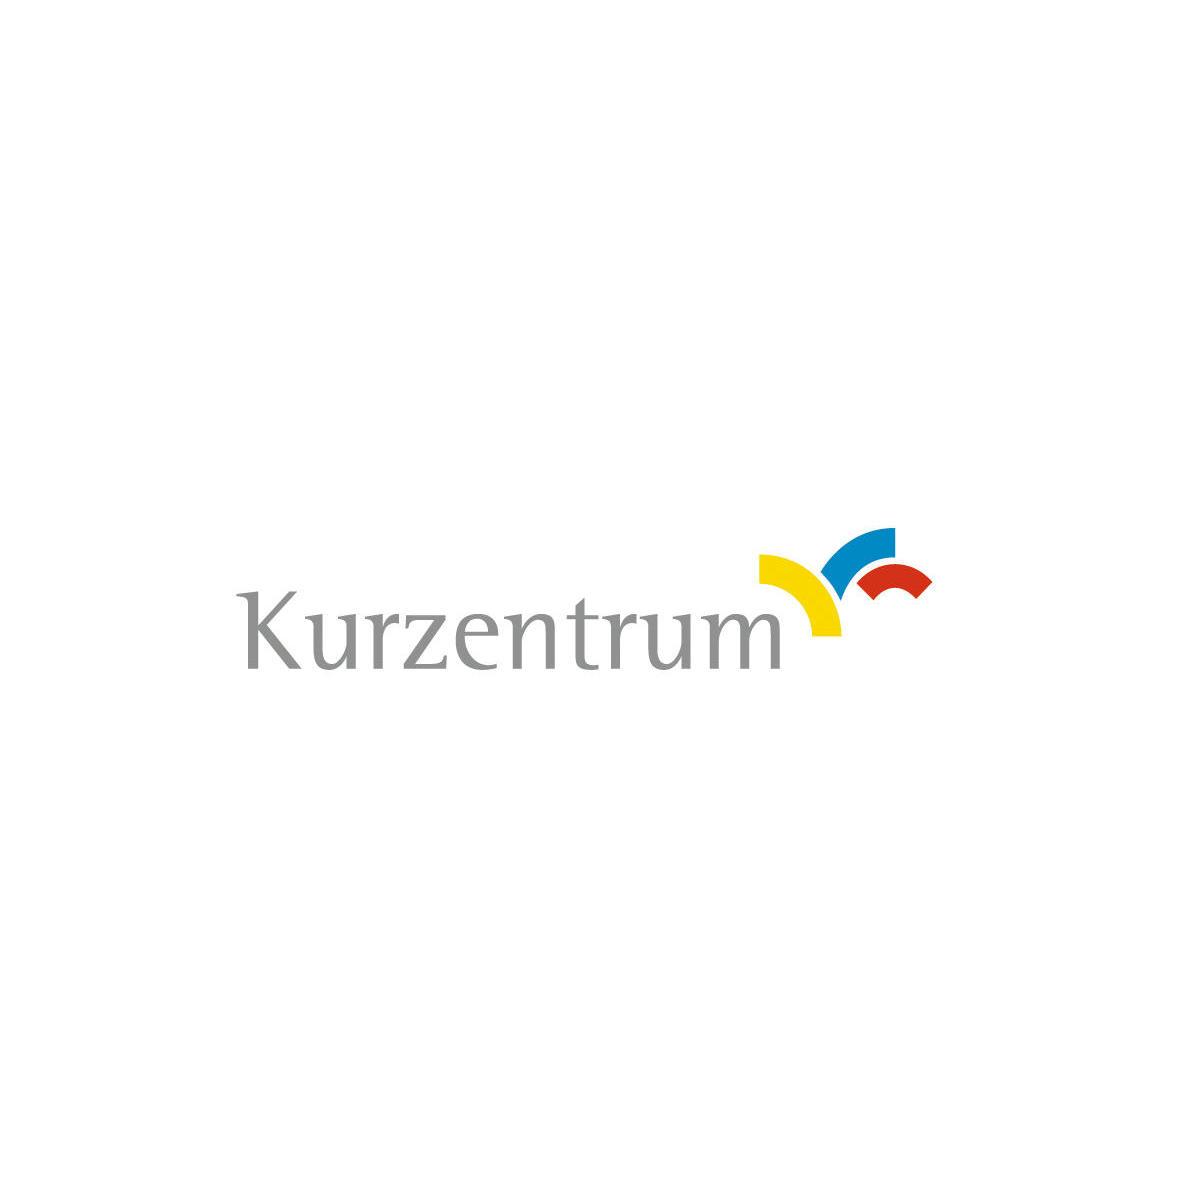 Logo von Kurzentrum mit Café-Restaurant Badstube